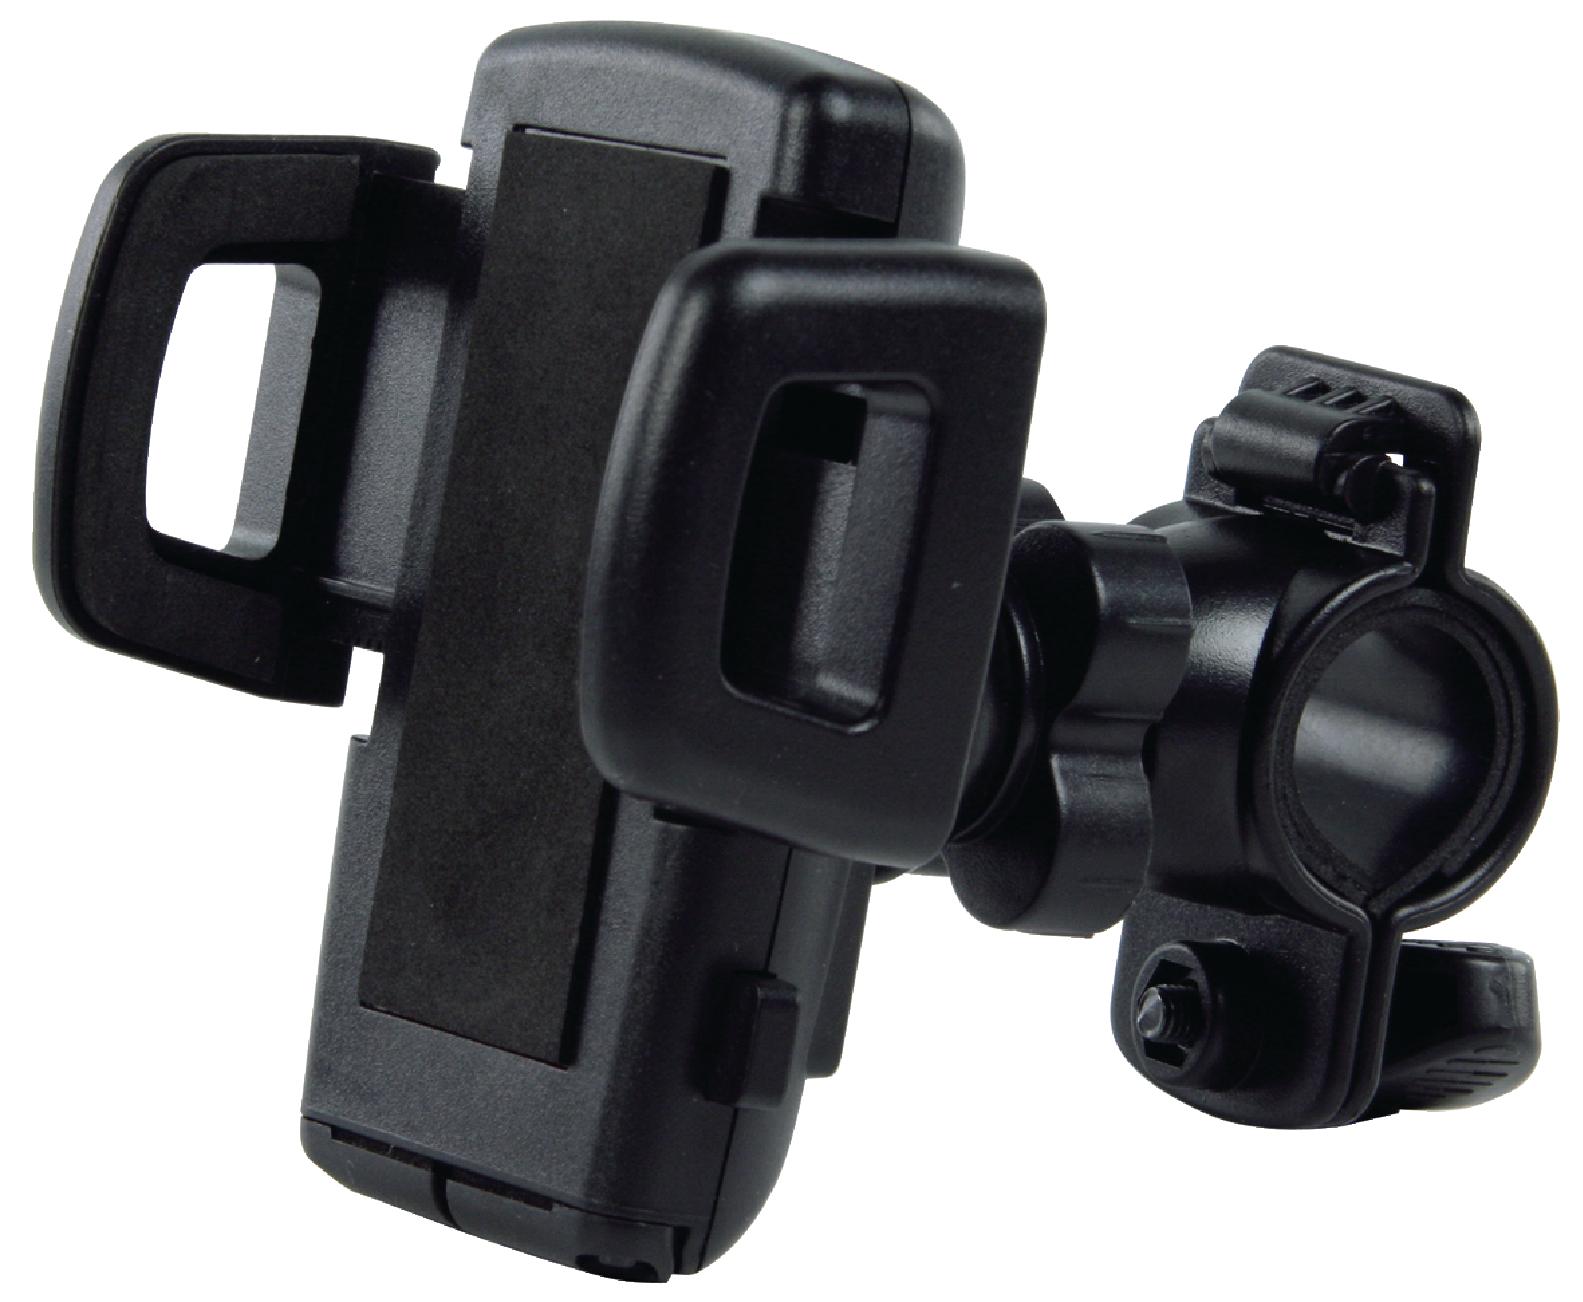 Univerzální držák telefonu na jízdní kolo BXL-HOLDER30